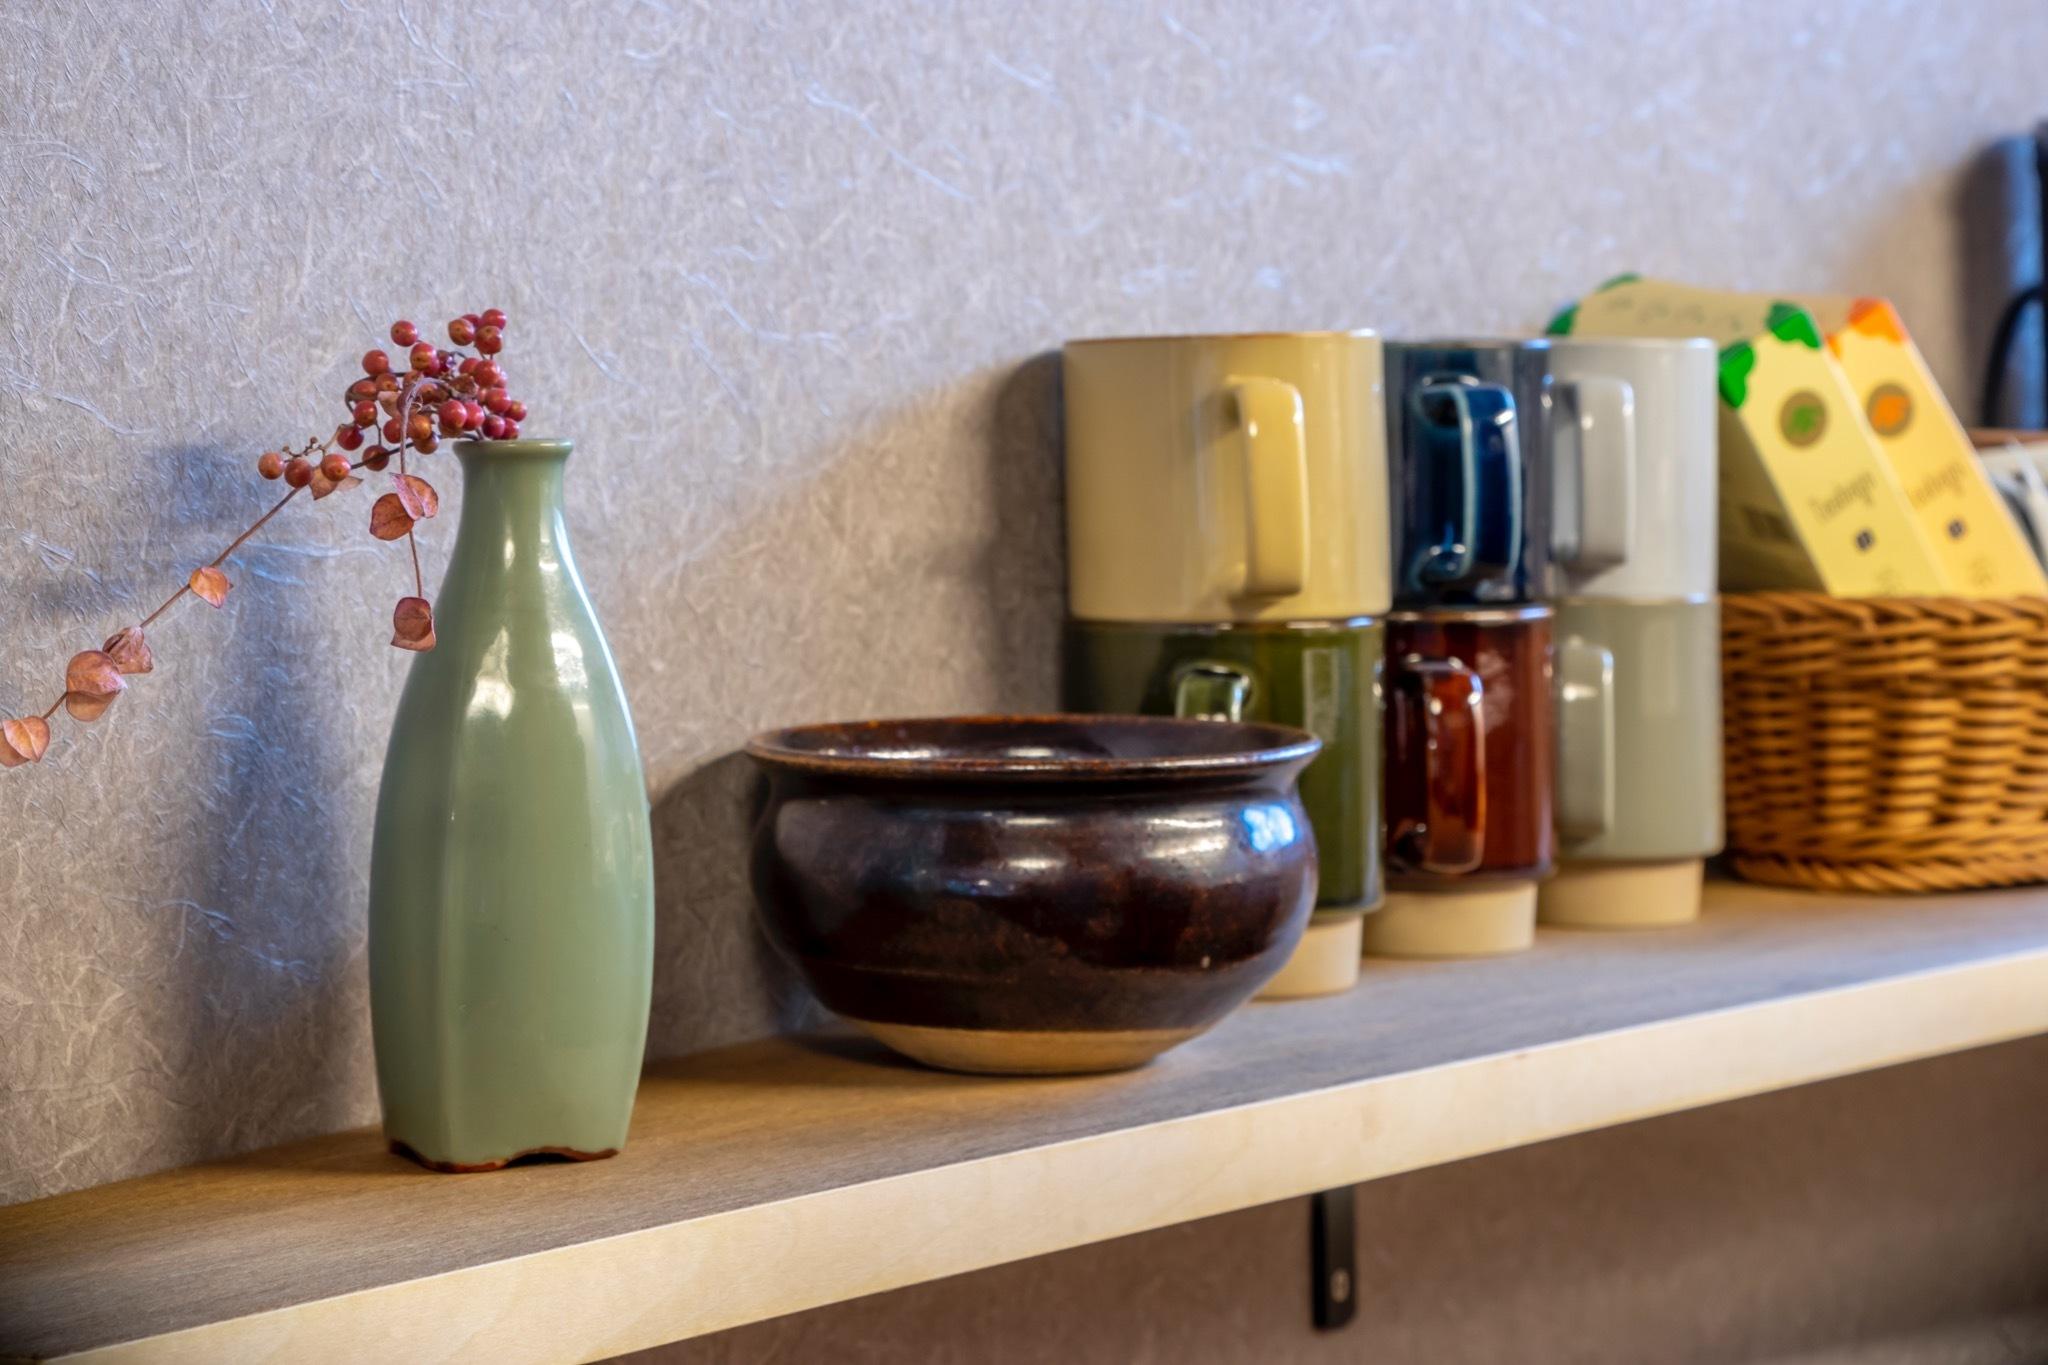 キッチンの棚とコーヒーカップ